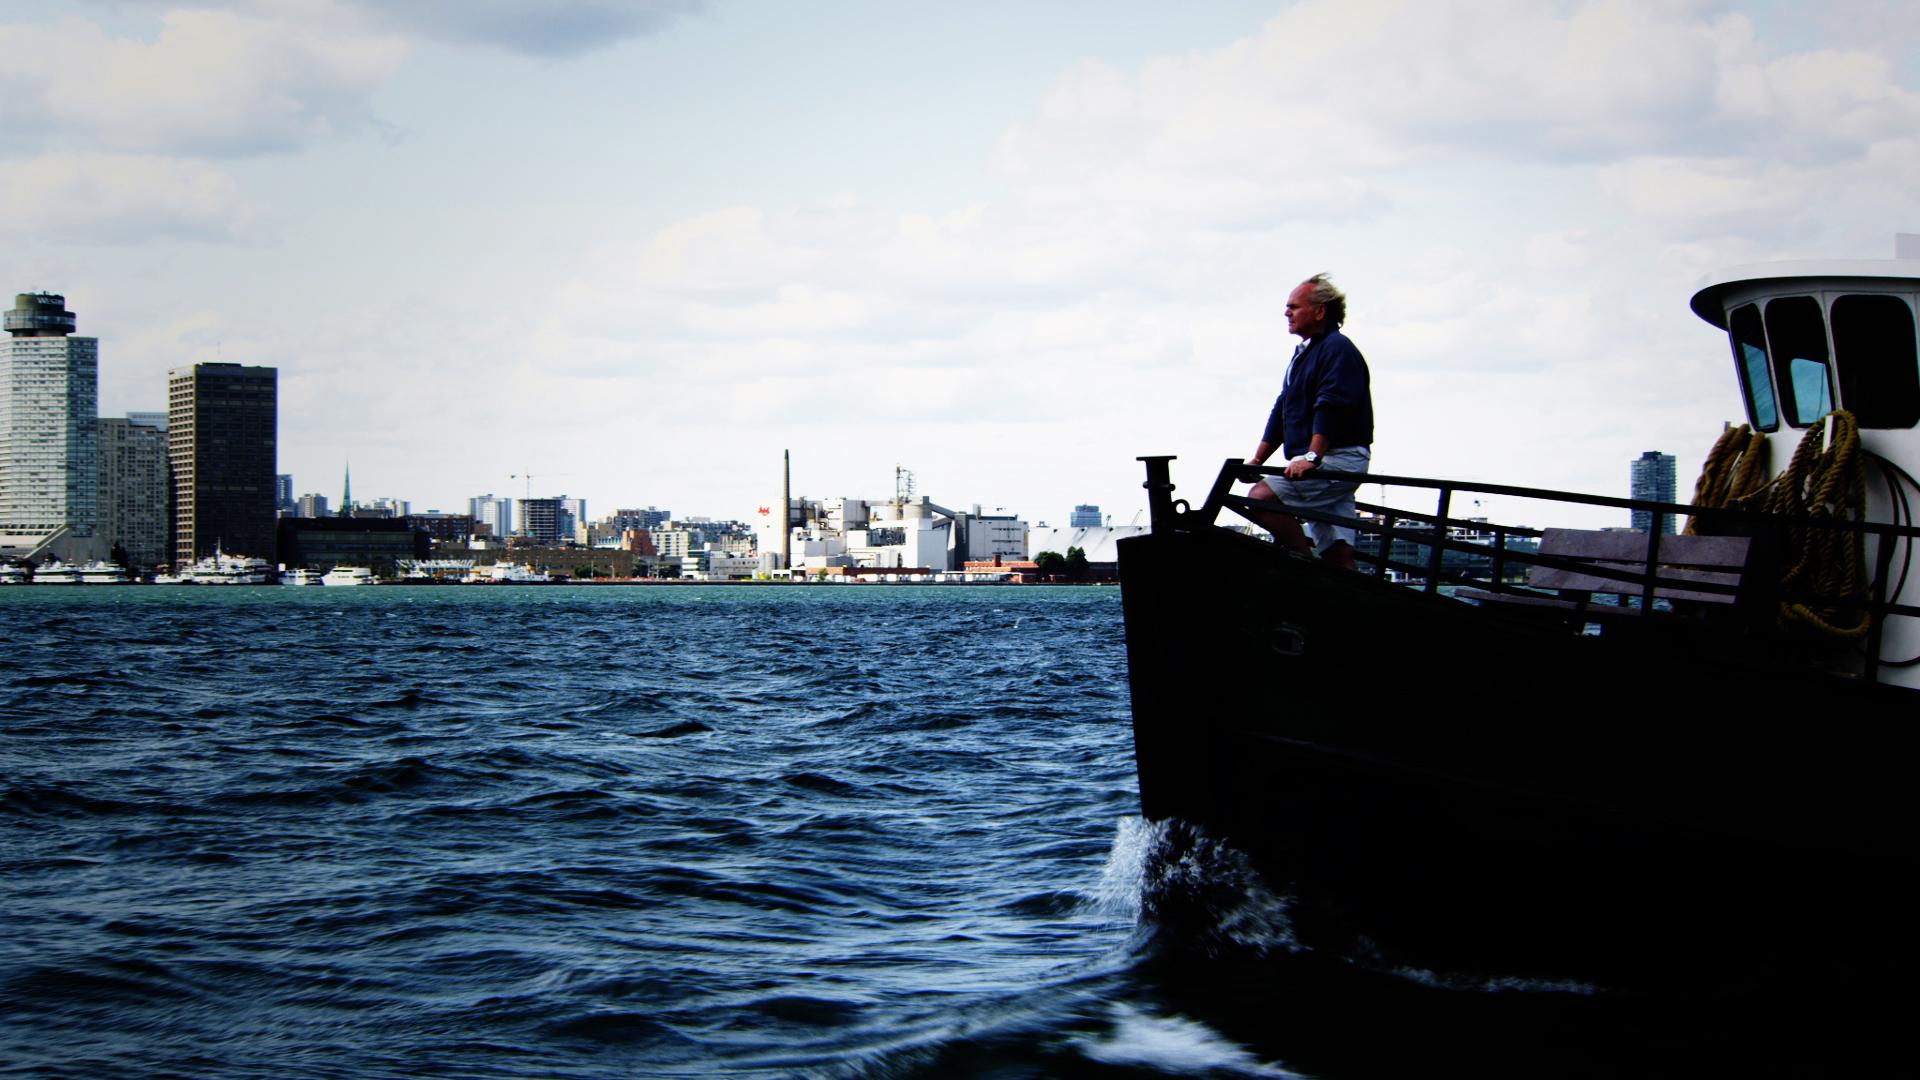 Come fare soldi vendendo droga: Brian O'Dea, ex-spacciatore dall'infanzia difficile, in una scena del documentario